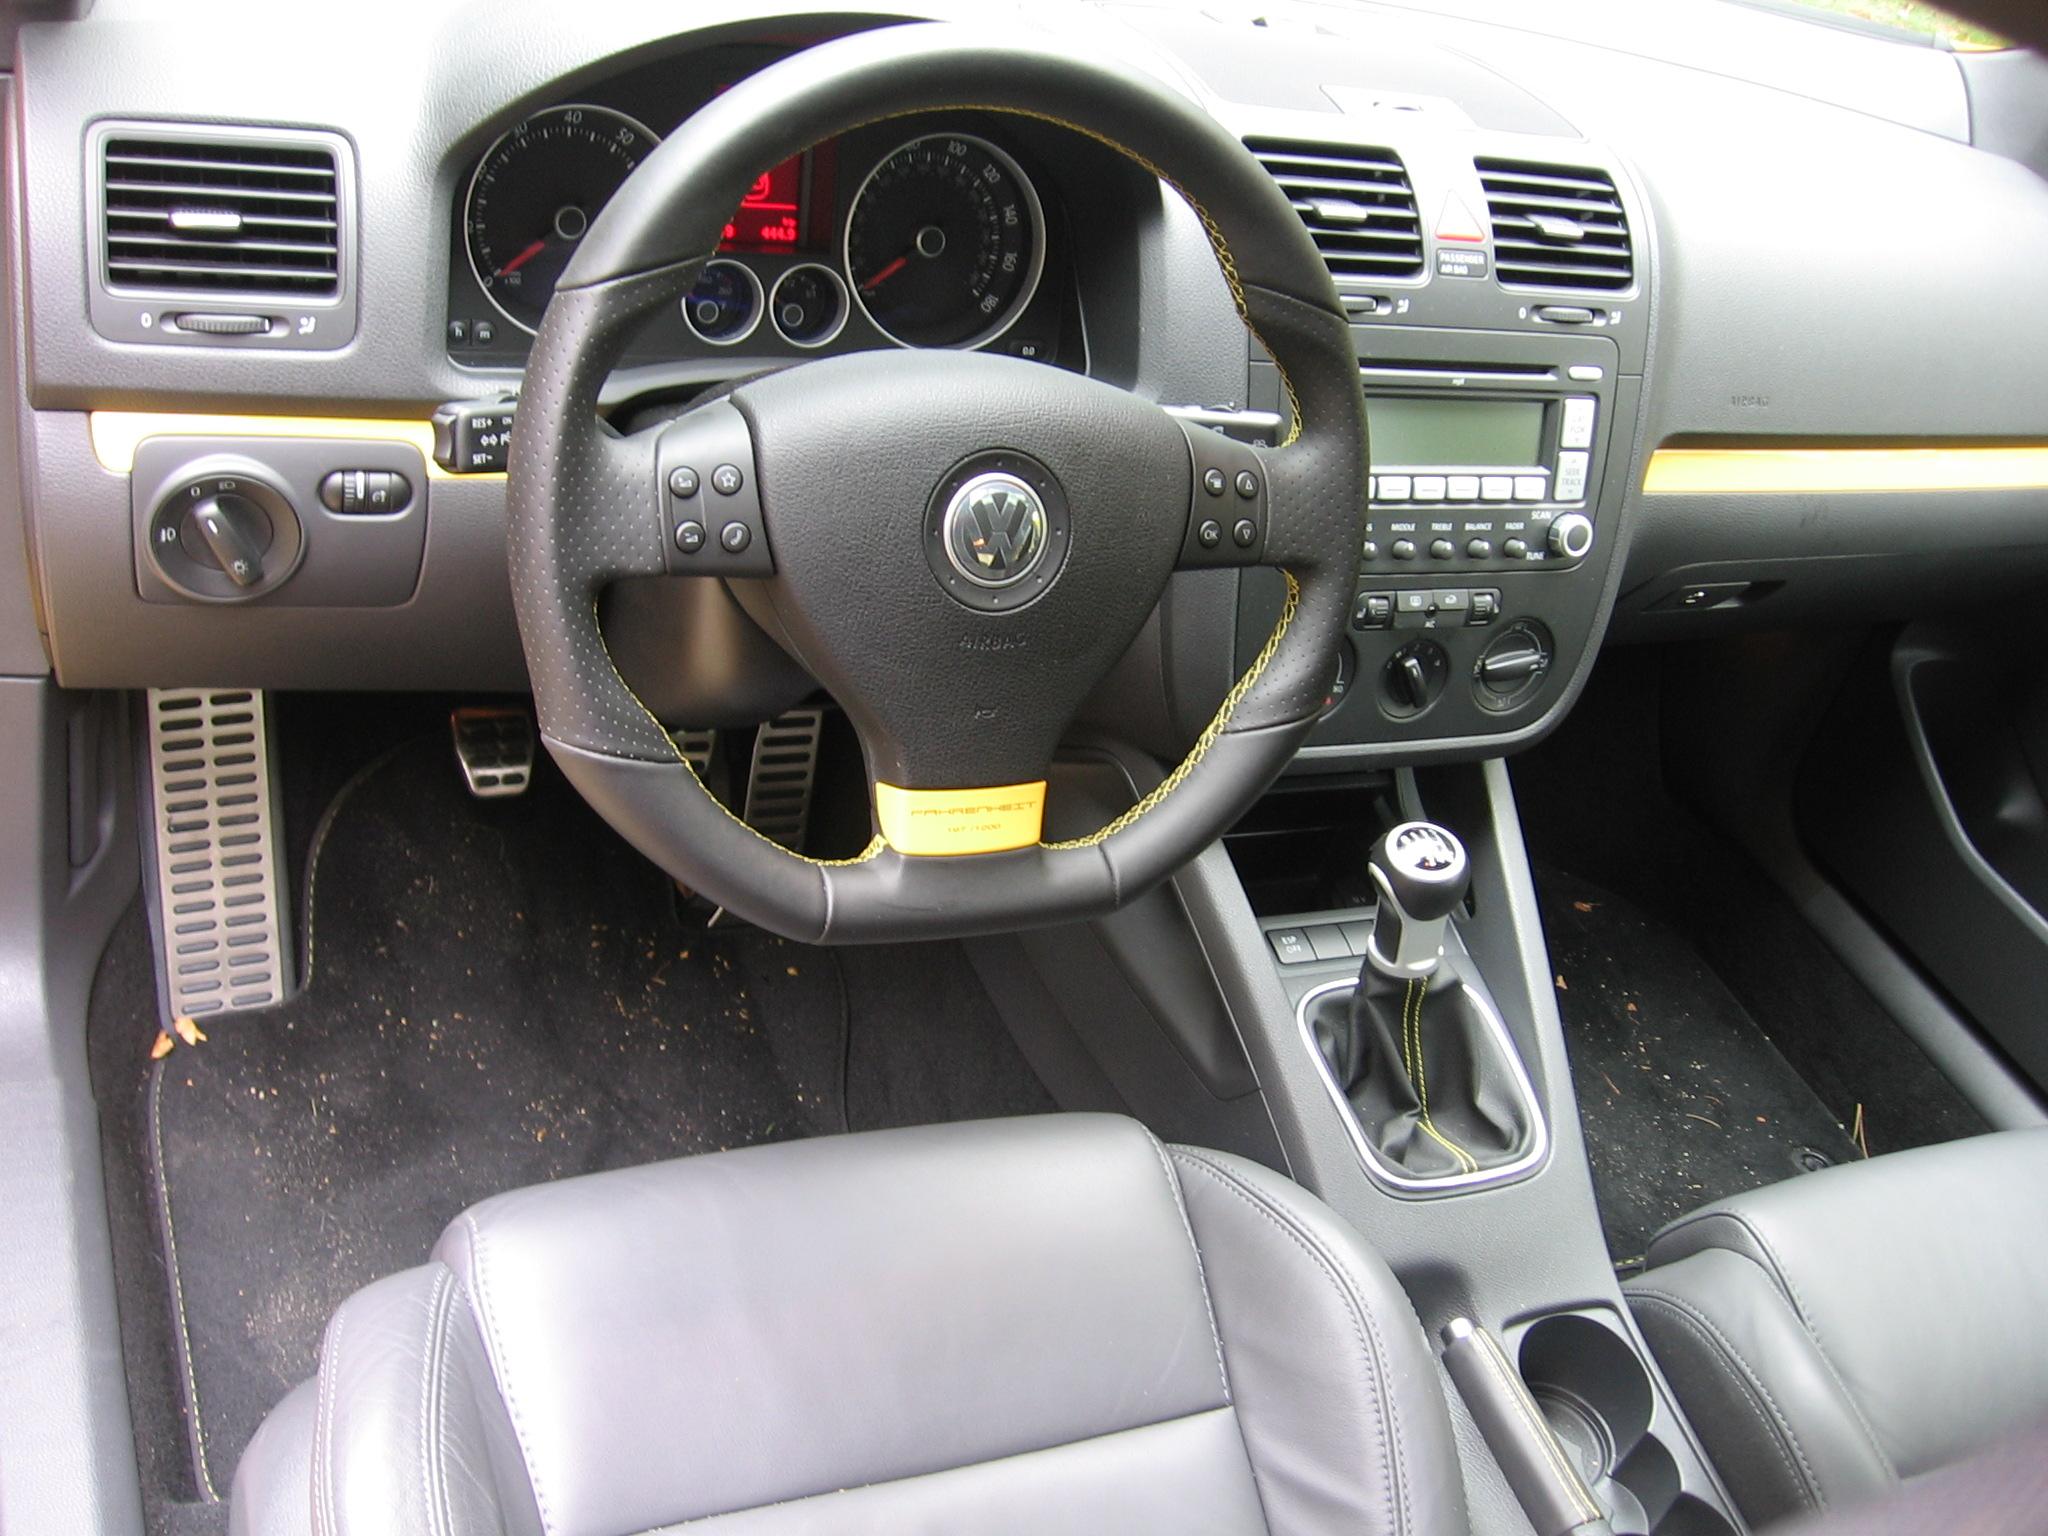 2008 volkswagen jetta manual | 2008 Volkswagen Jetta Owners